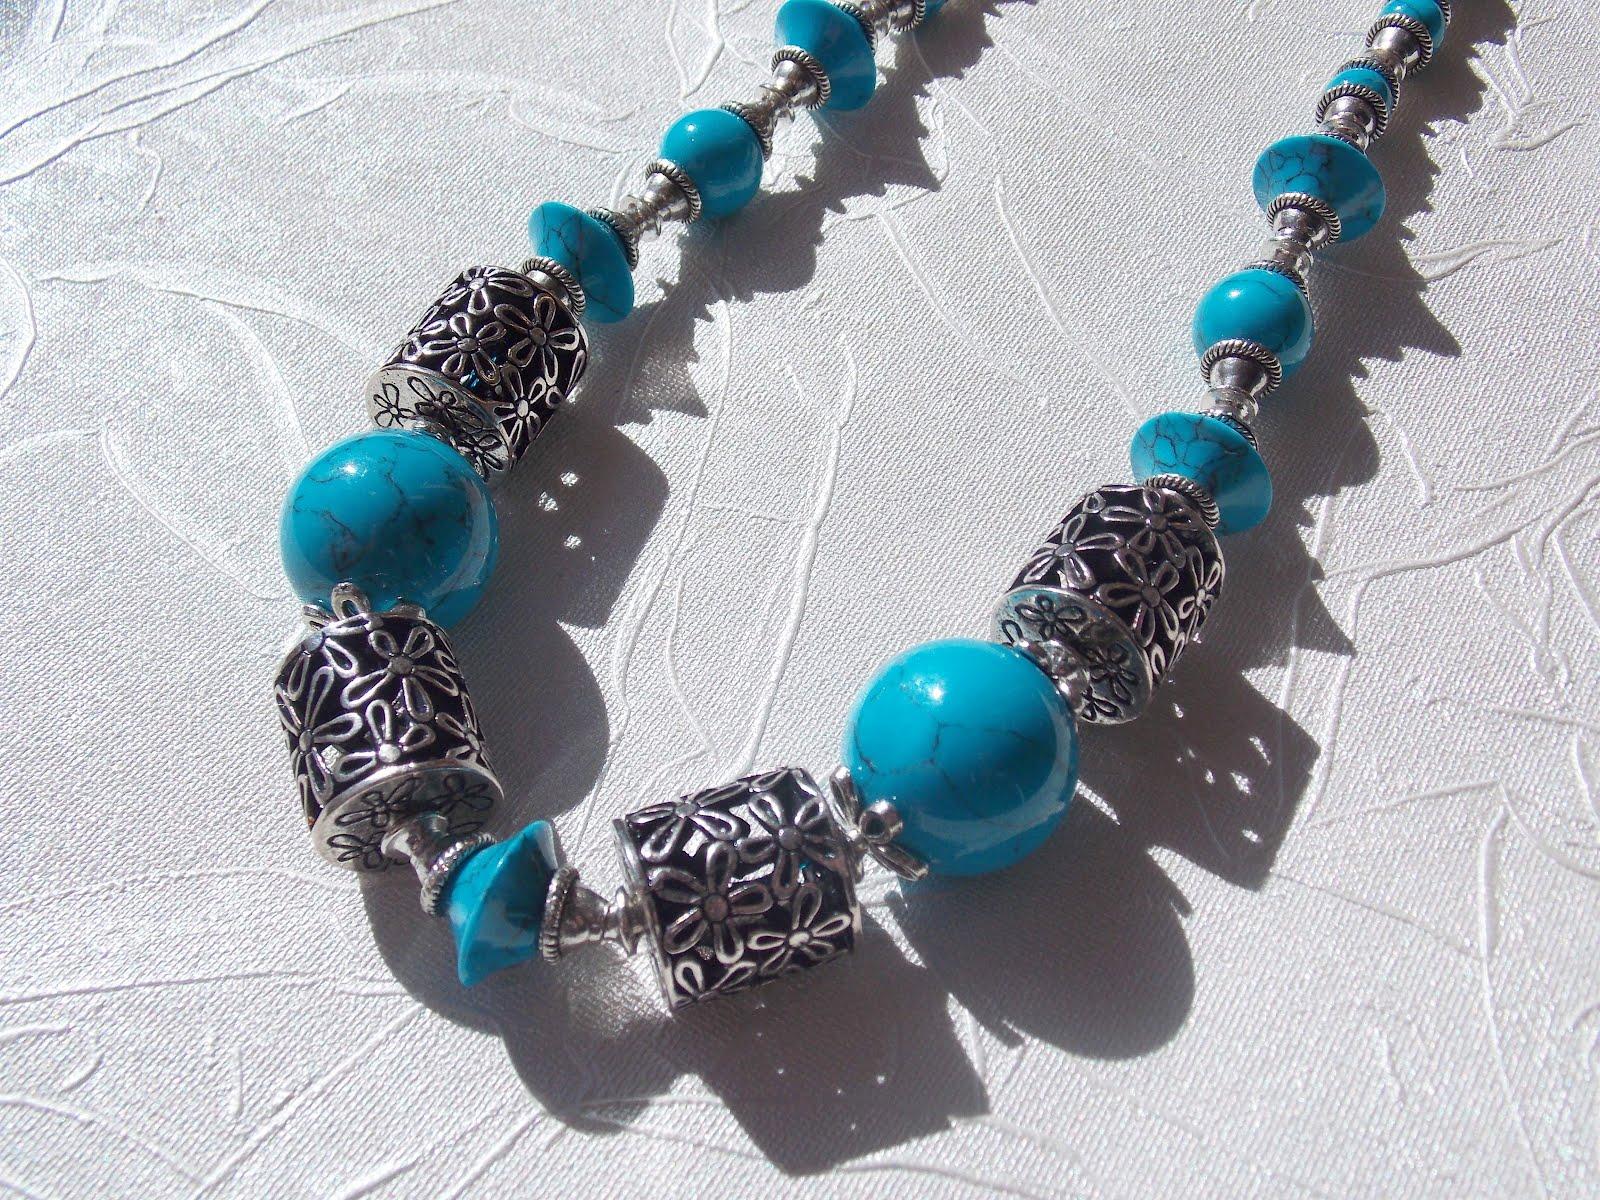 Ожерелье из бирюзы своими руками